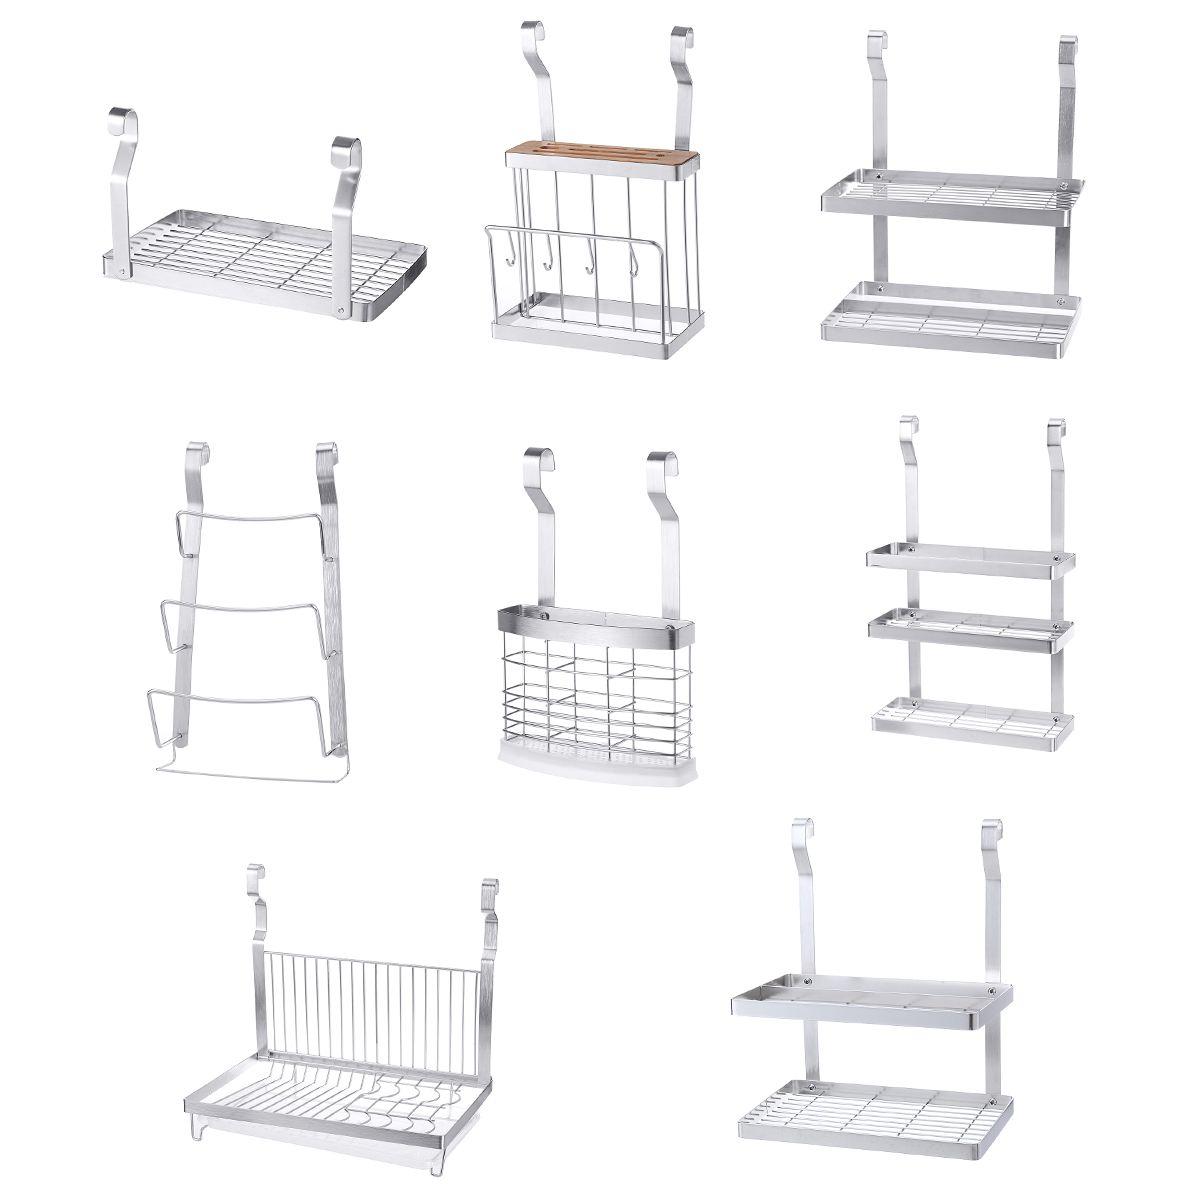 ステンレス鋼キッチンオーガナイザー多機能食器乾燥ラック壁掛け収納ホルダー食器棚水切り 8 種類